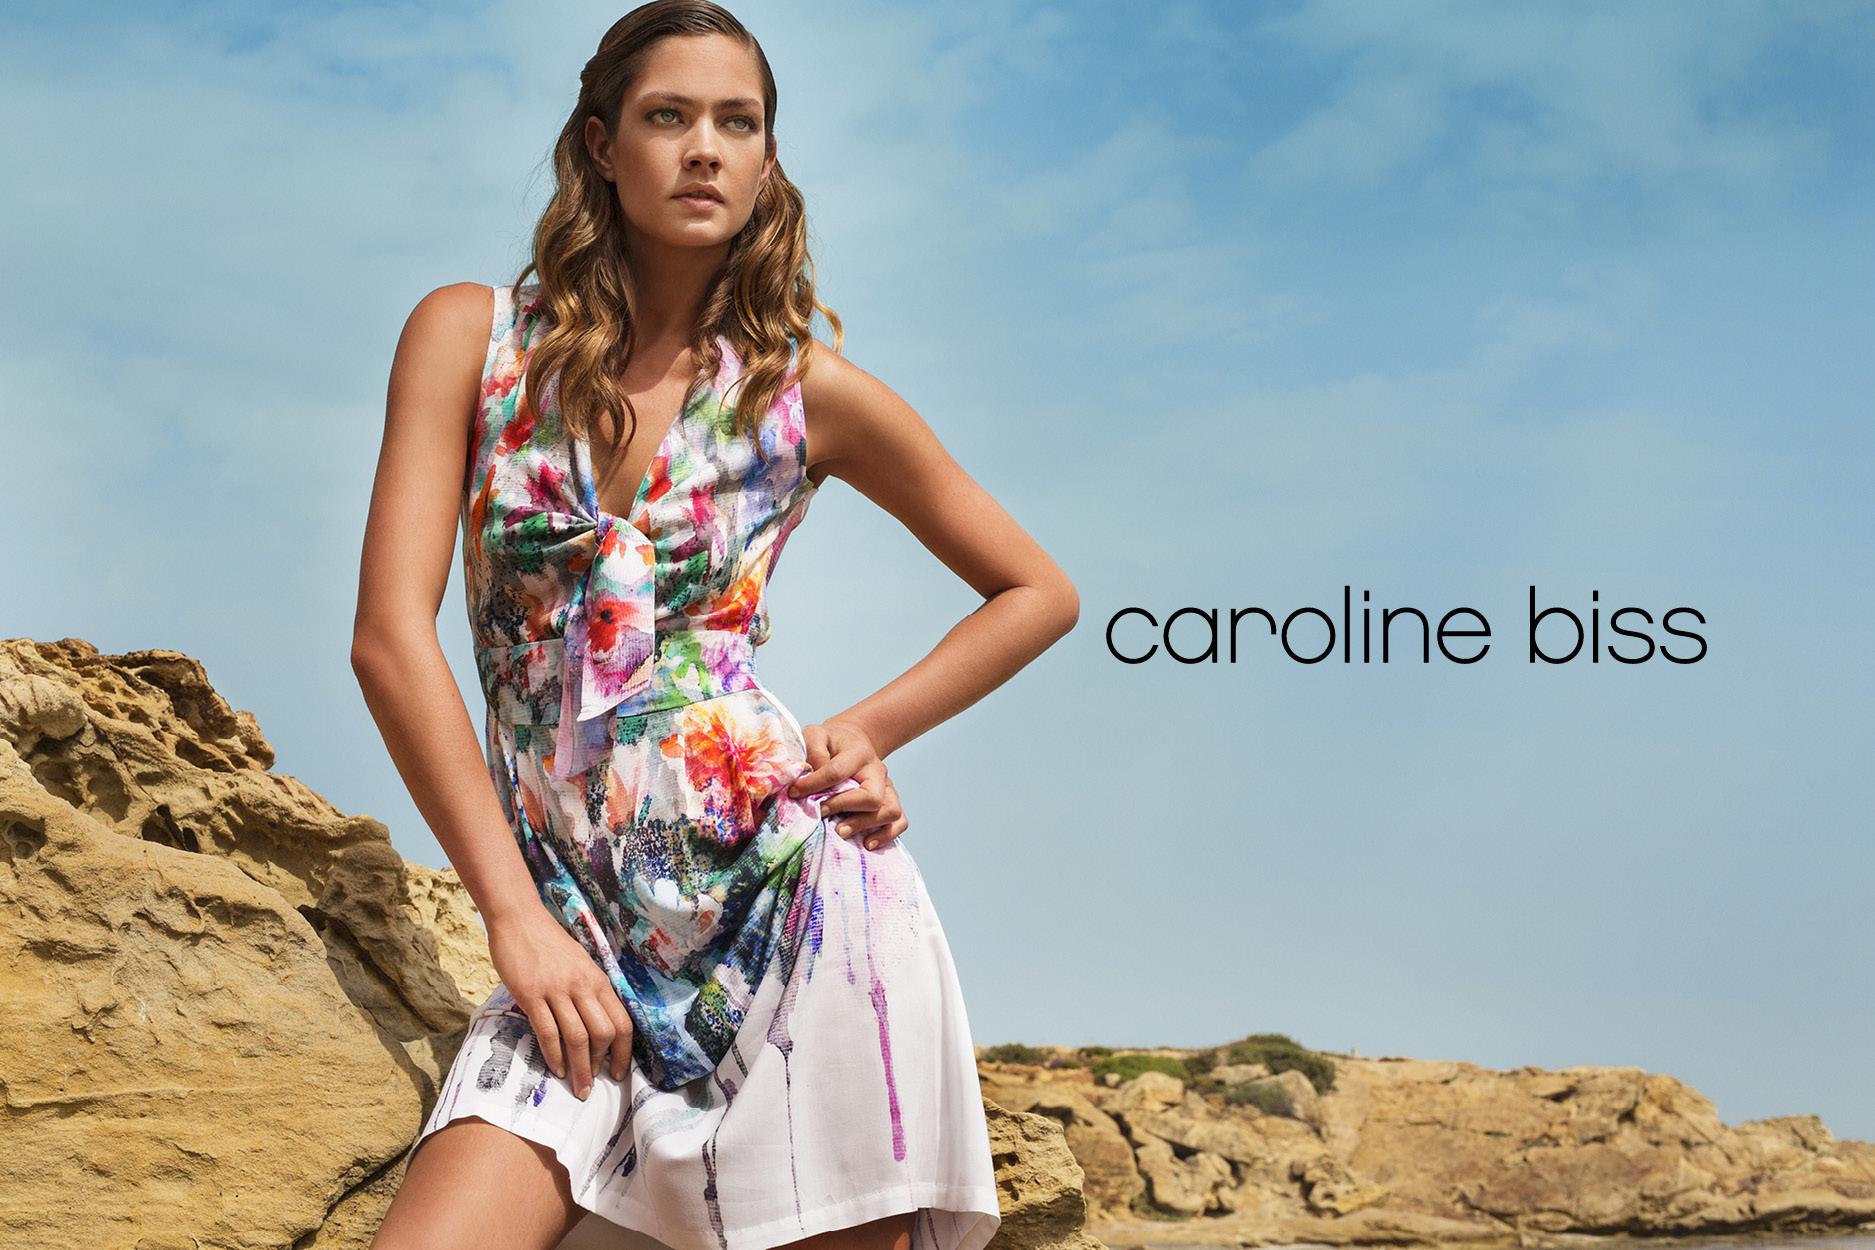 caroline_biss_summer_imageboulevard